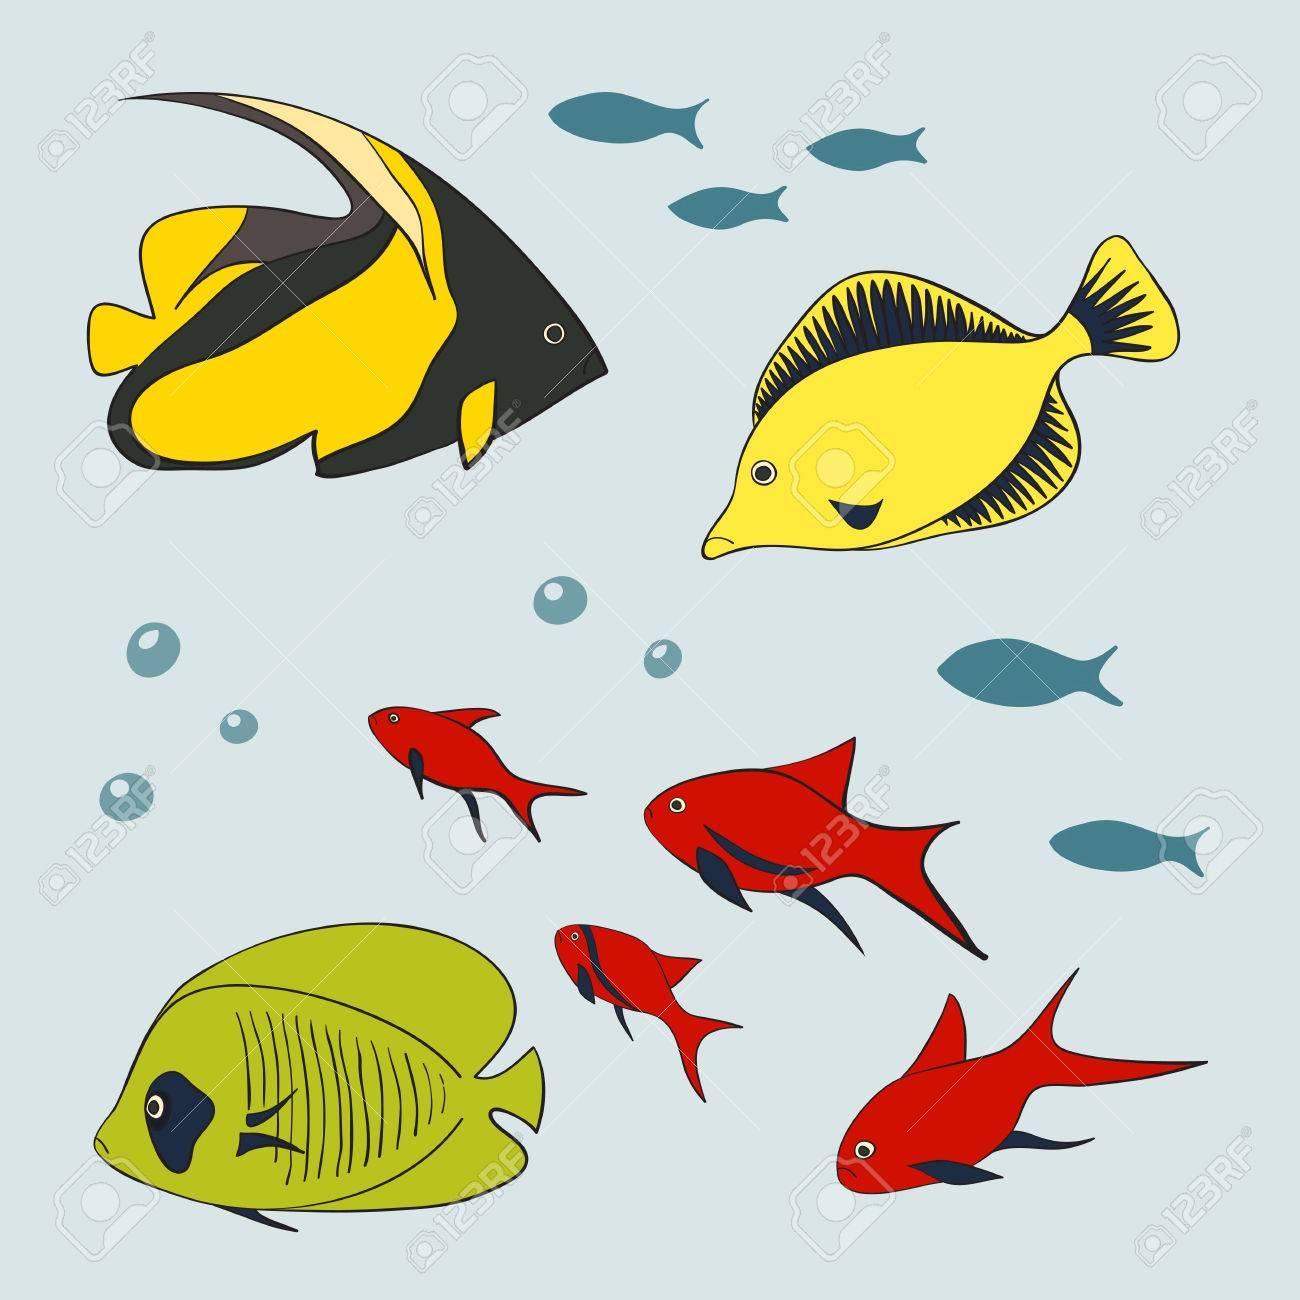 かわいい魚イラストのセット ロイヤリティフリークリップアート